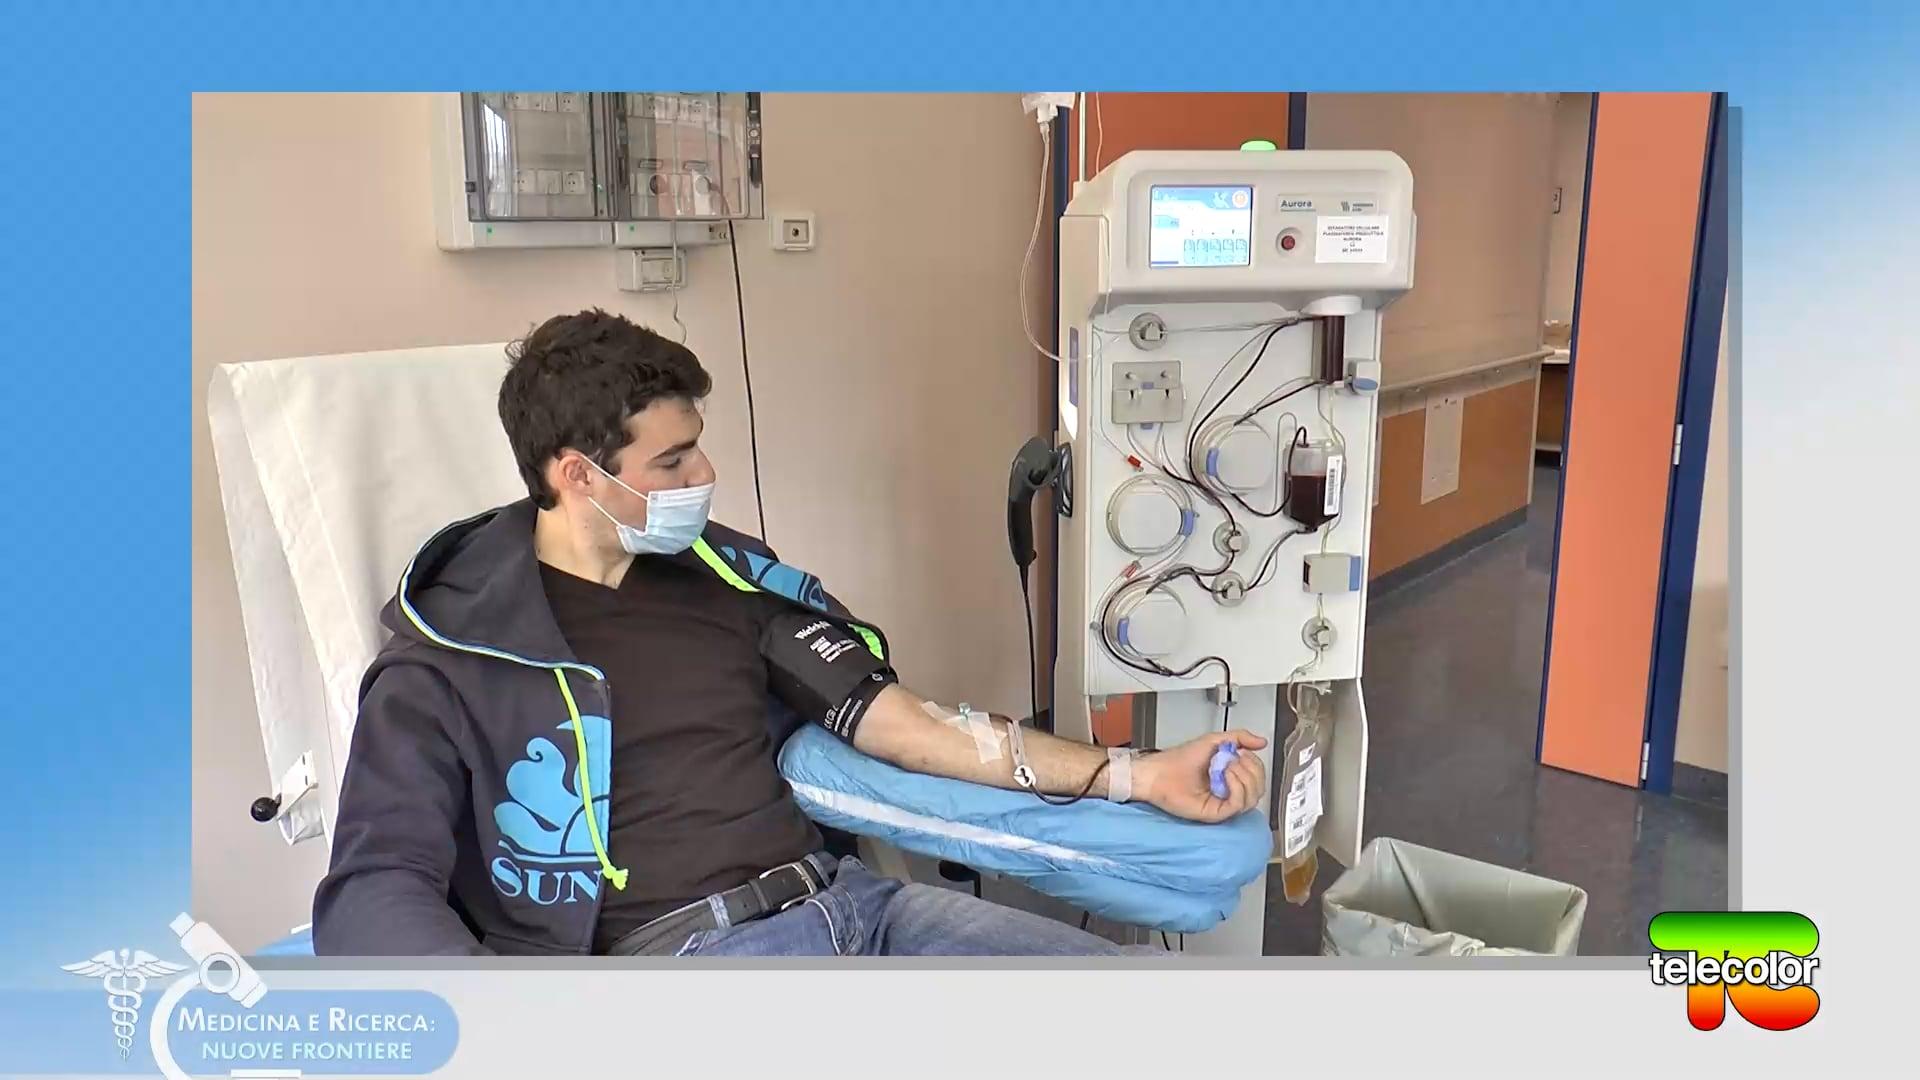 L'efficacia del plasma iperimmune e il ricordo del Dr. De Donno